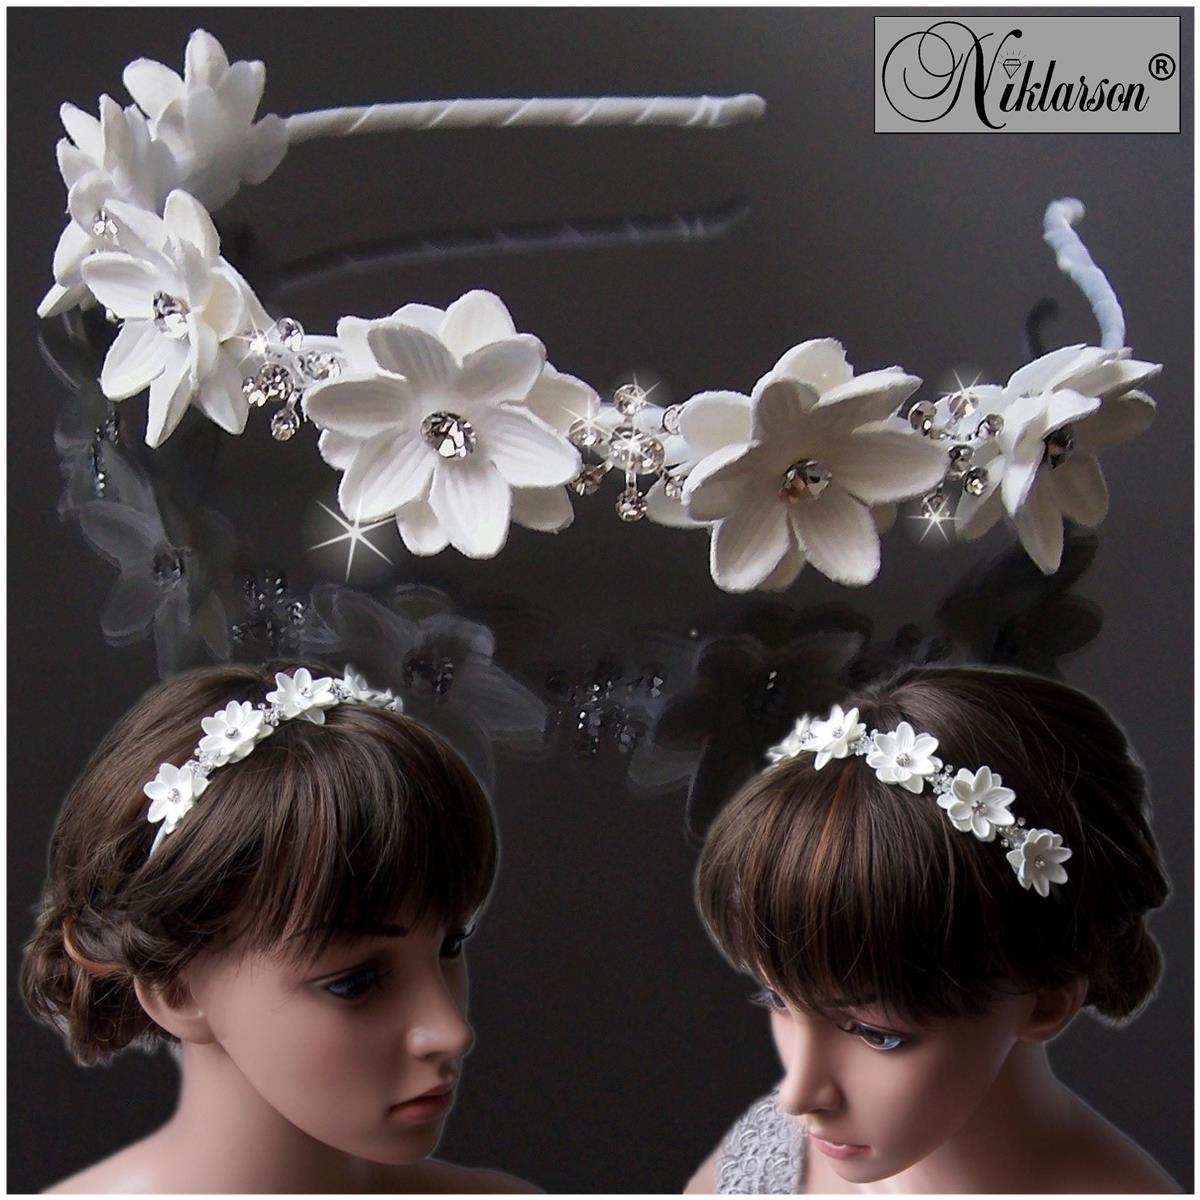 Haarreif Kommunion Blumenmädchen Braut Blumen weiß Mädchen Damen H5060